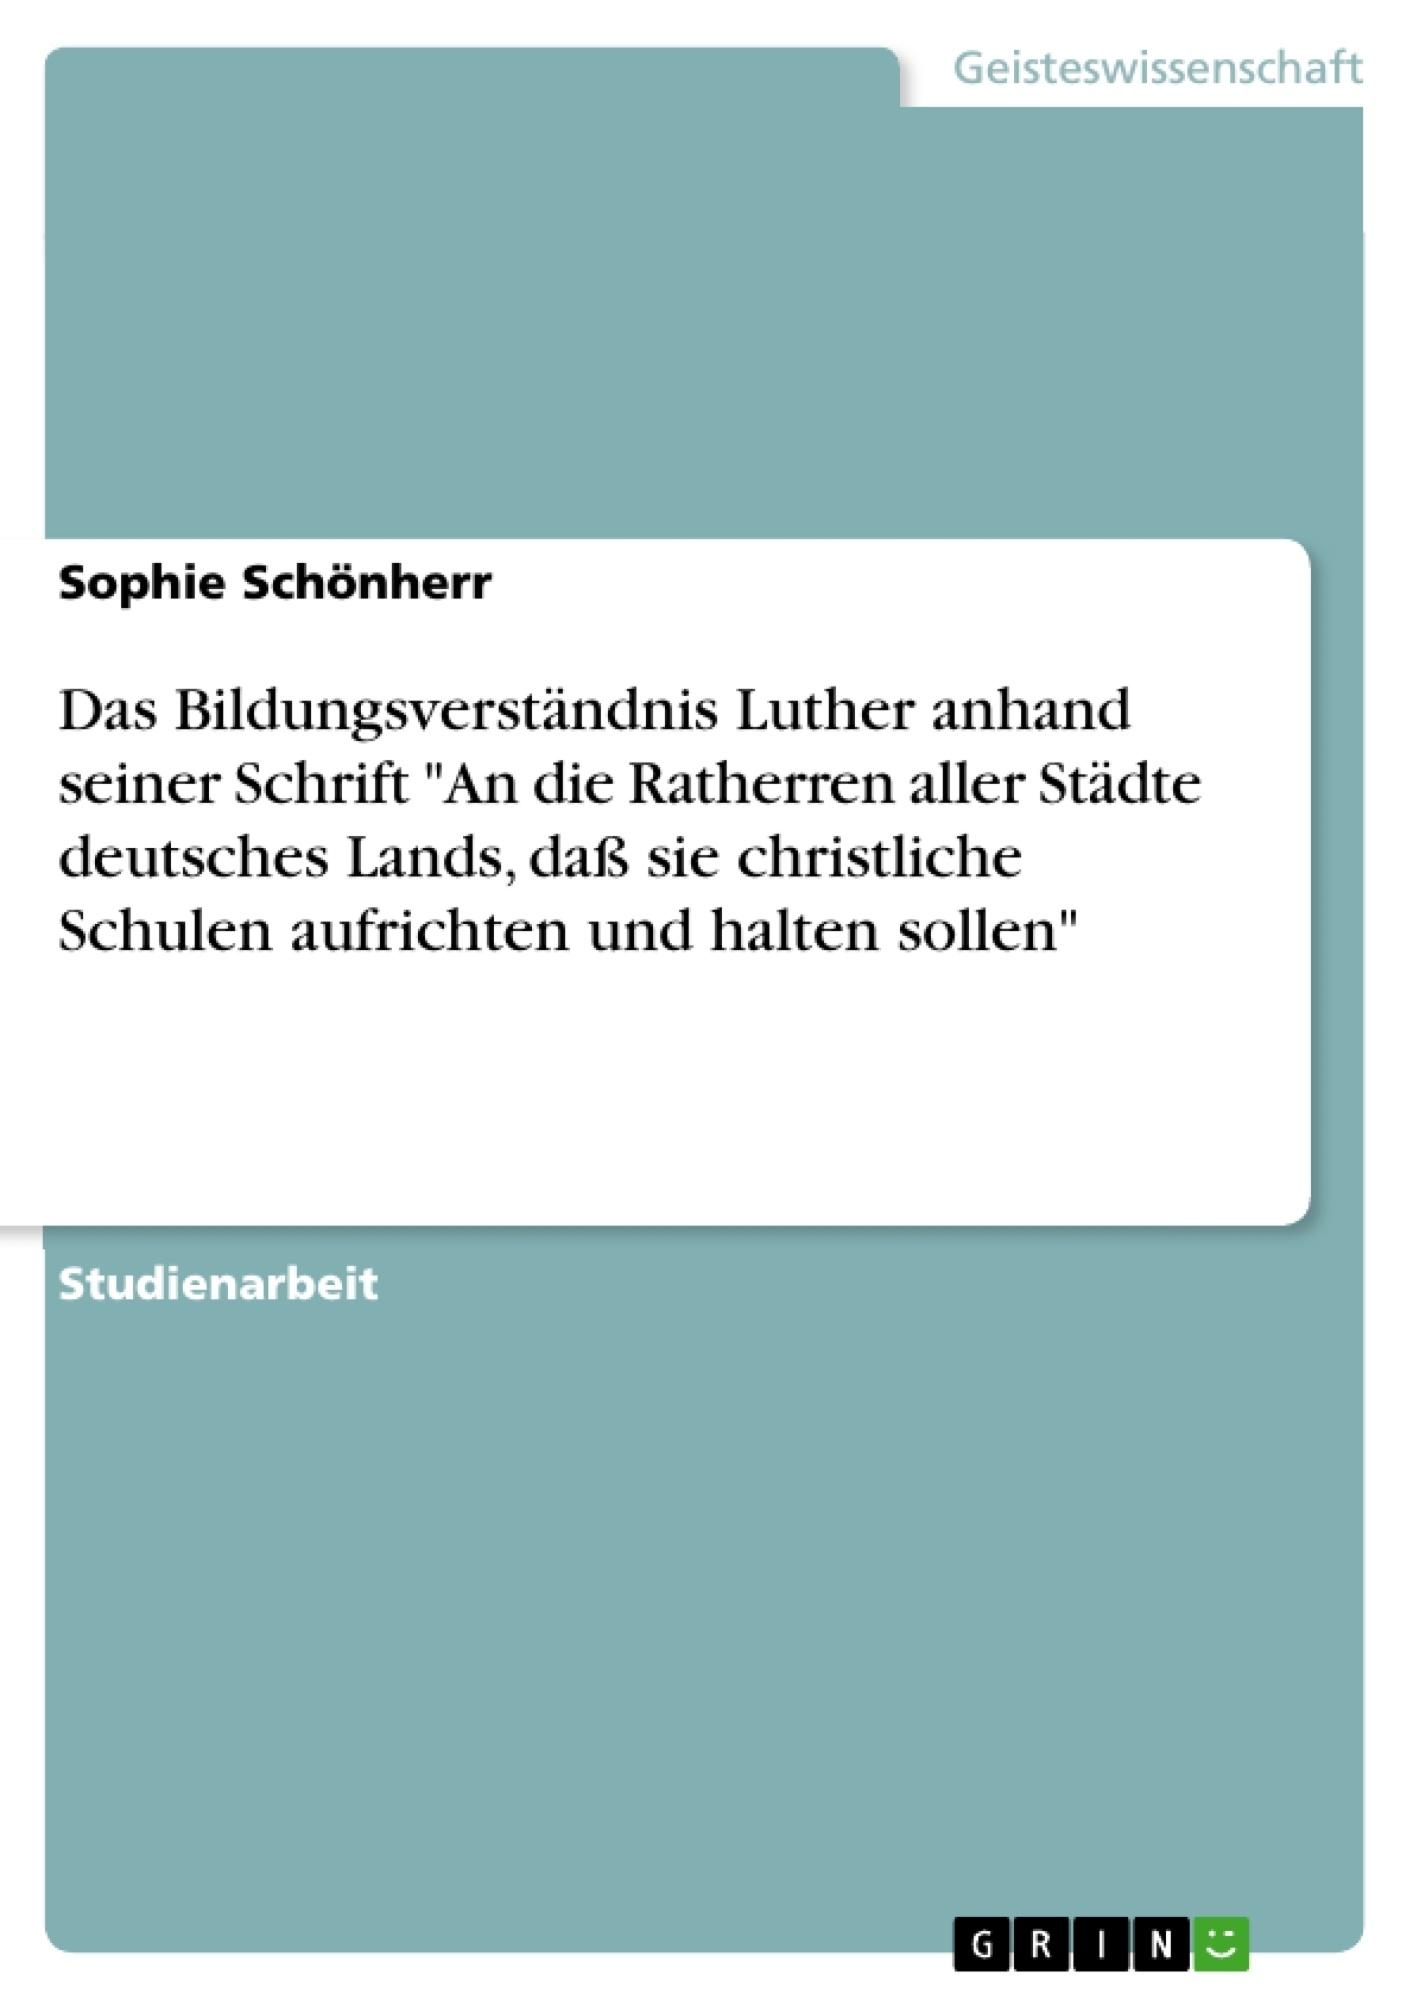 """Titel: Das Bildungsverständnis Luther anhand seiner Schrift """"An die Ratherren aller Städte deutsches Lands, daß sie christliche Schulen aufrichten und halten sollen"""""""